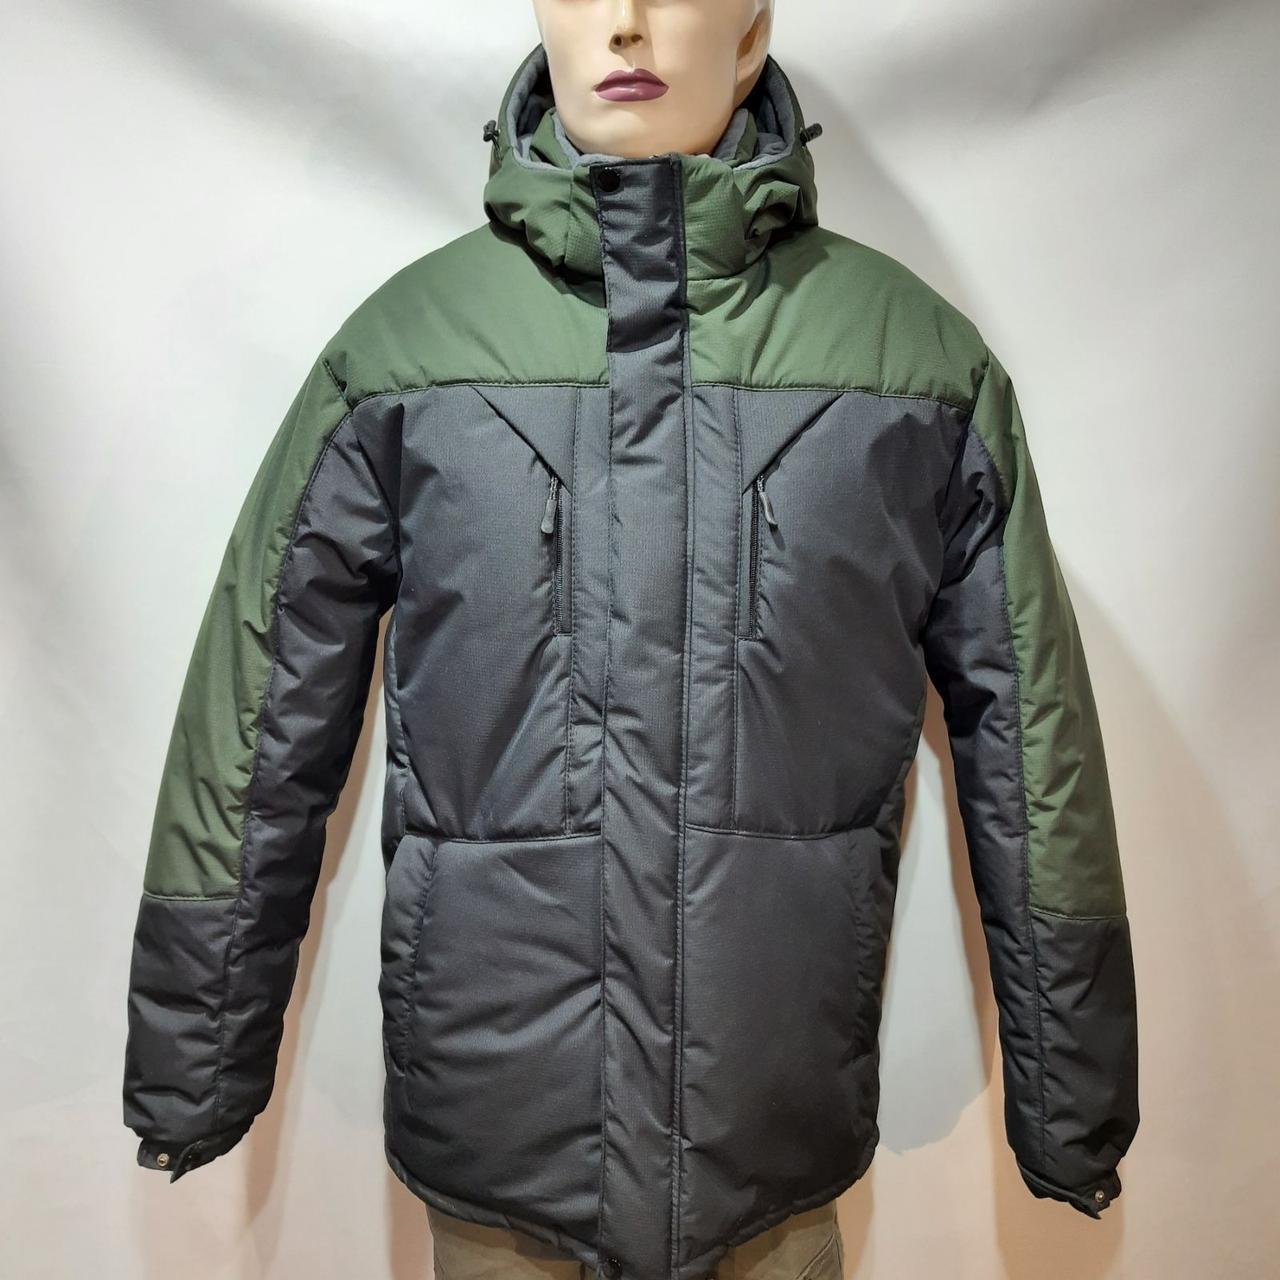 Зимняя теплая мужская куртка на кашемире с капюшоном Зеленая с черным